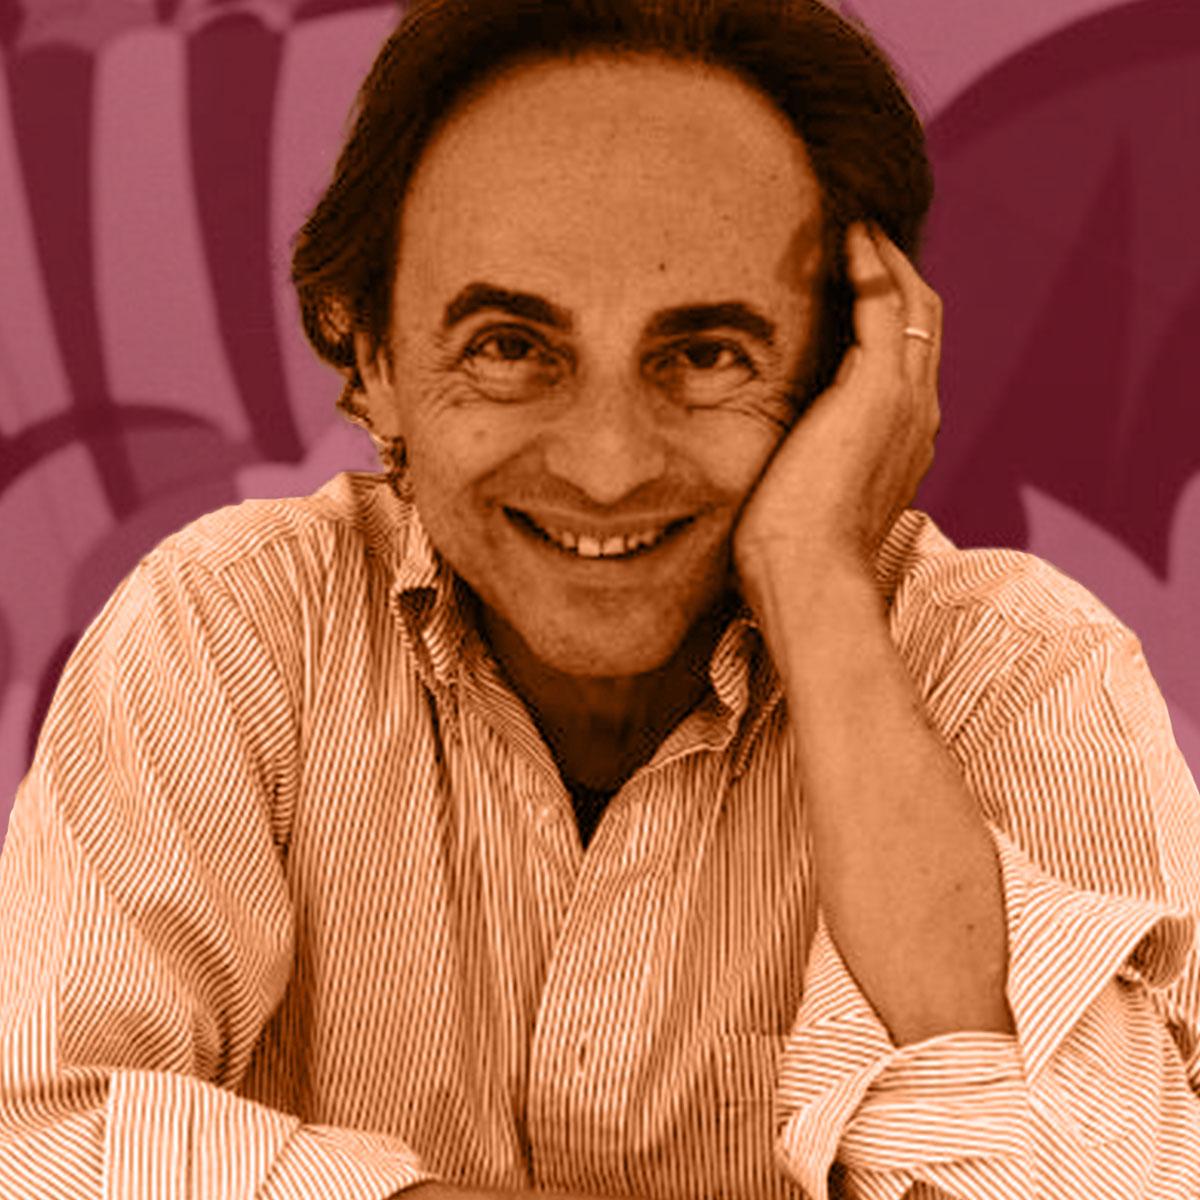 Ugo Nespolo